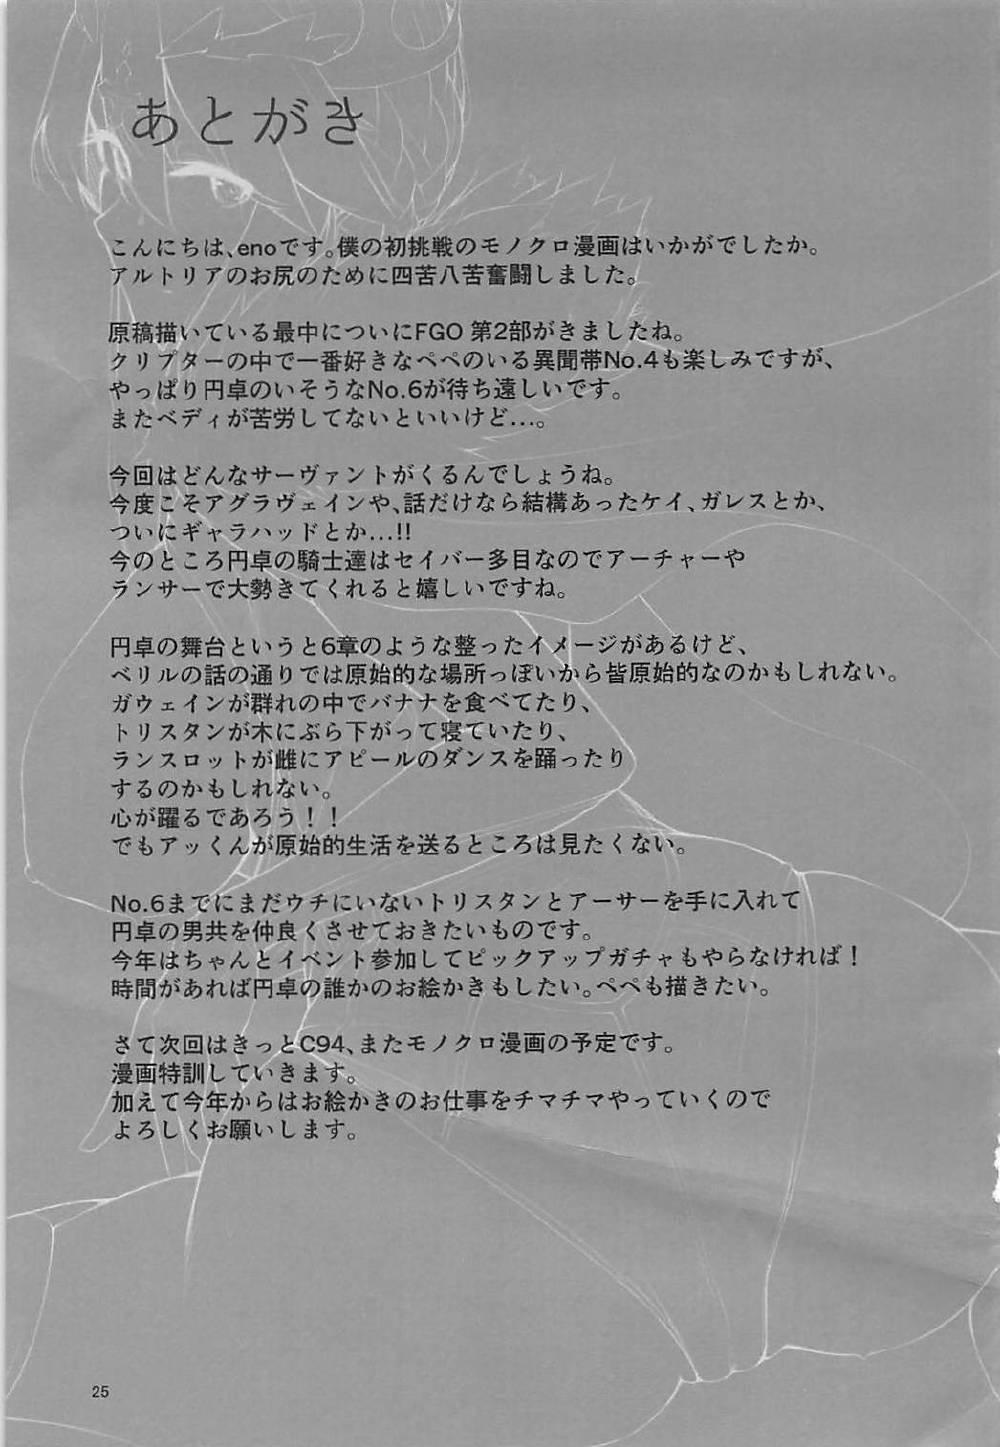 Kishiou-sama no Inyoku Kaihoushitsu 22